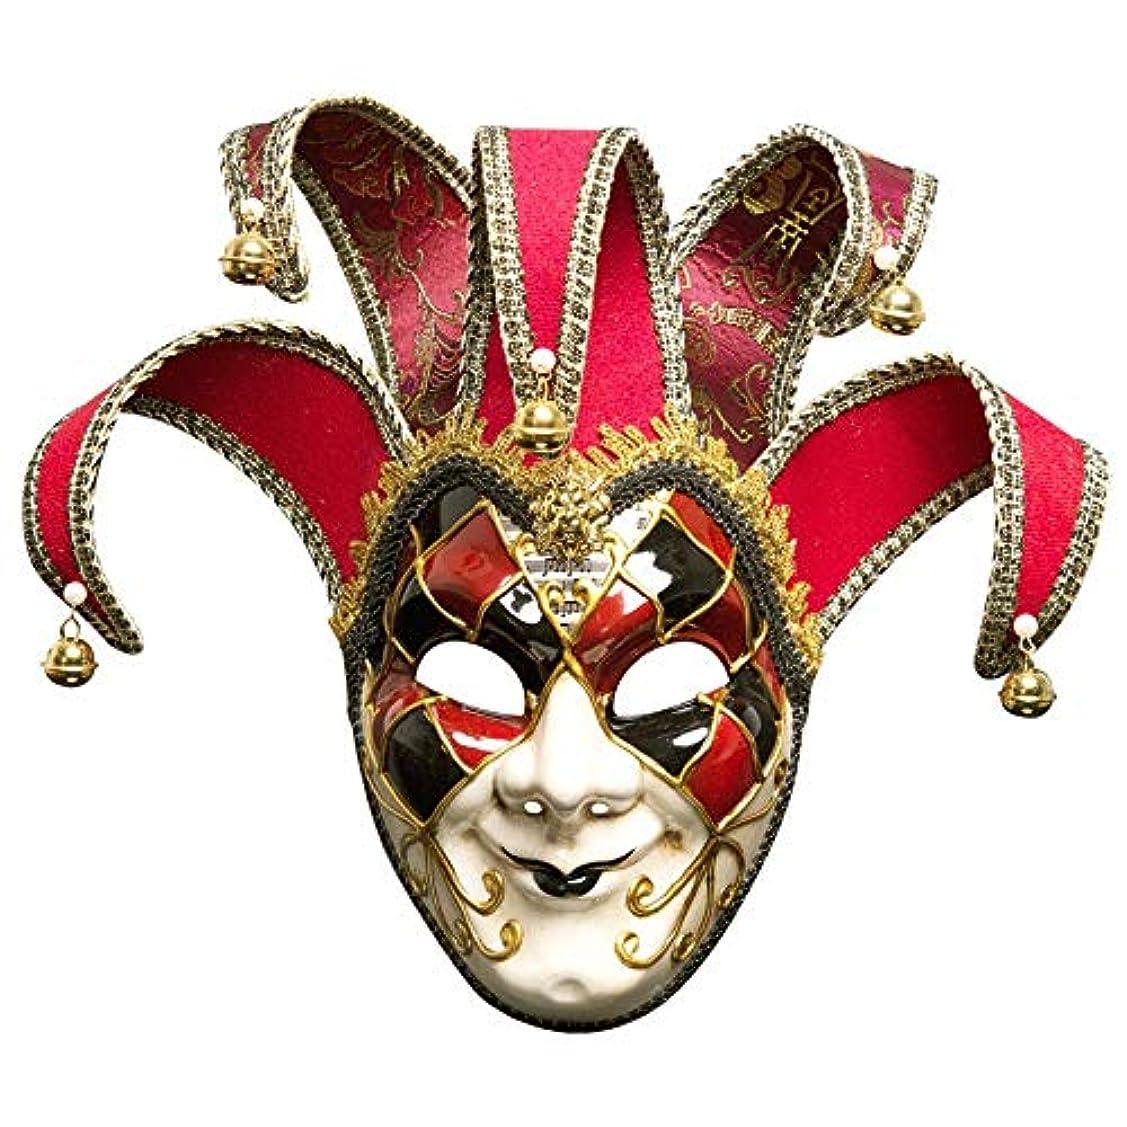 エレガント従順なトレーダーダンスマスク 雰囲気クリスマスフェスティバルロールプレイングプラスチックマスカレードマスクハロウィーンマスカレードマスク ホリデーパーティー用品 (色 : 赤, サイズ : 17x44cm)